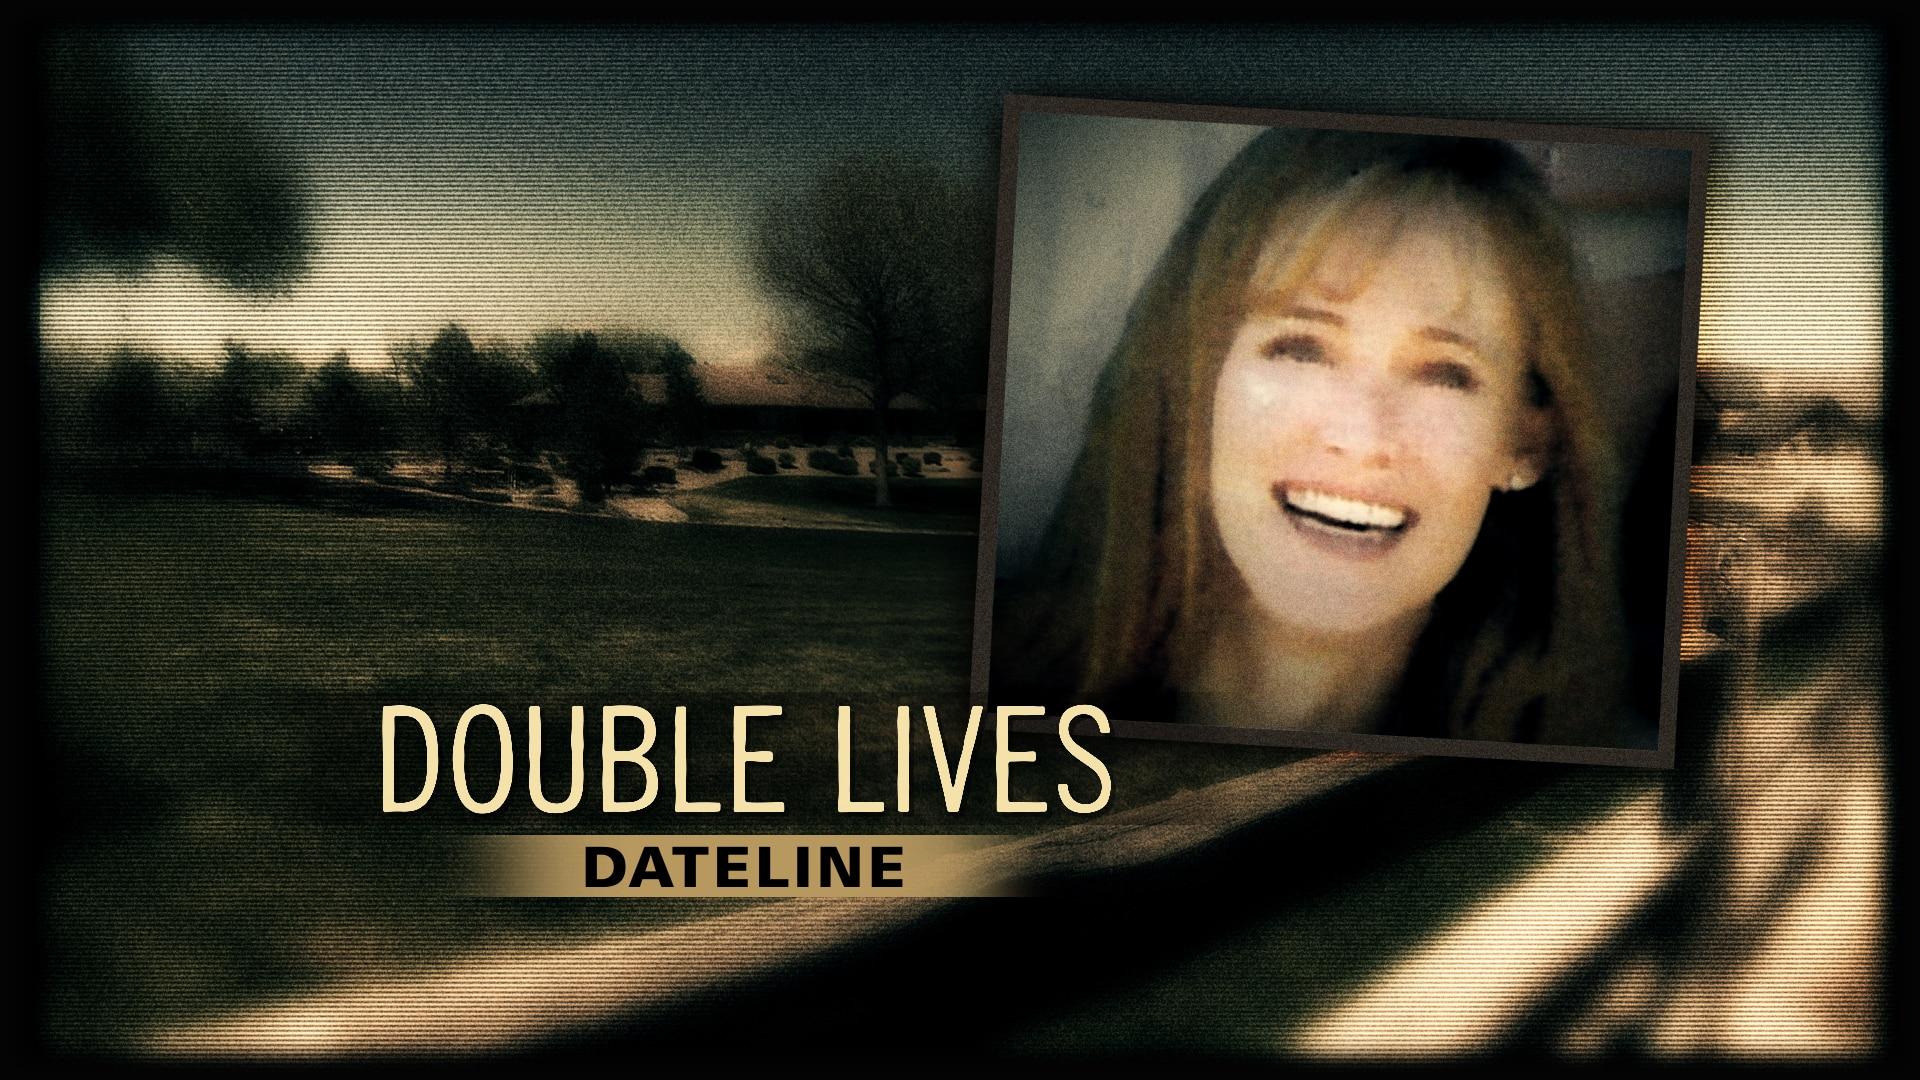 Watch Dateline Episode: Double Lives - NBC.com